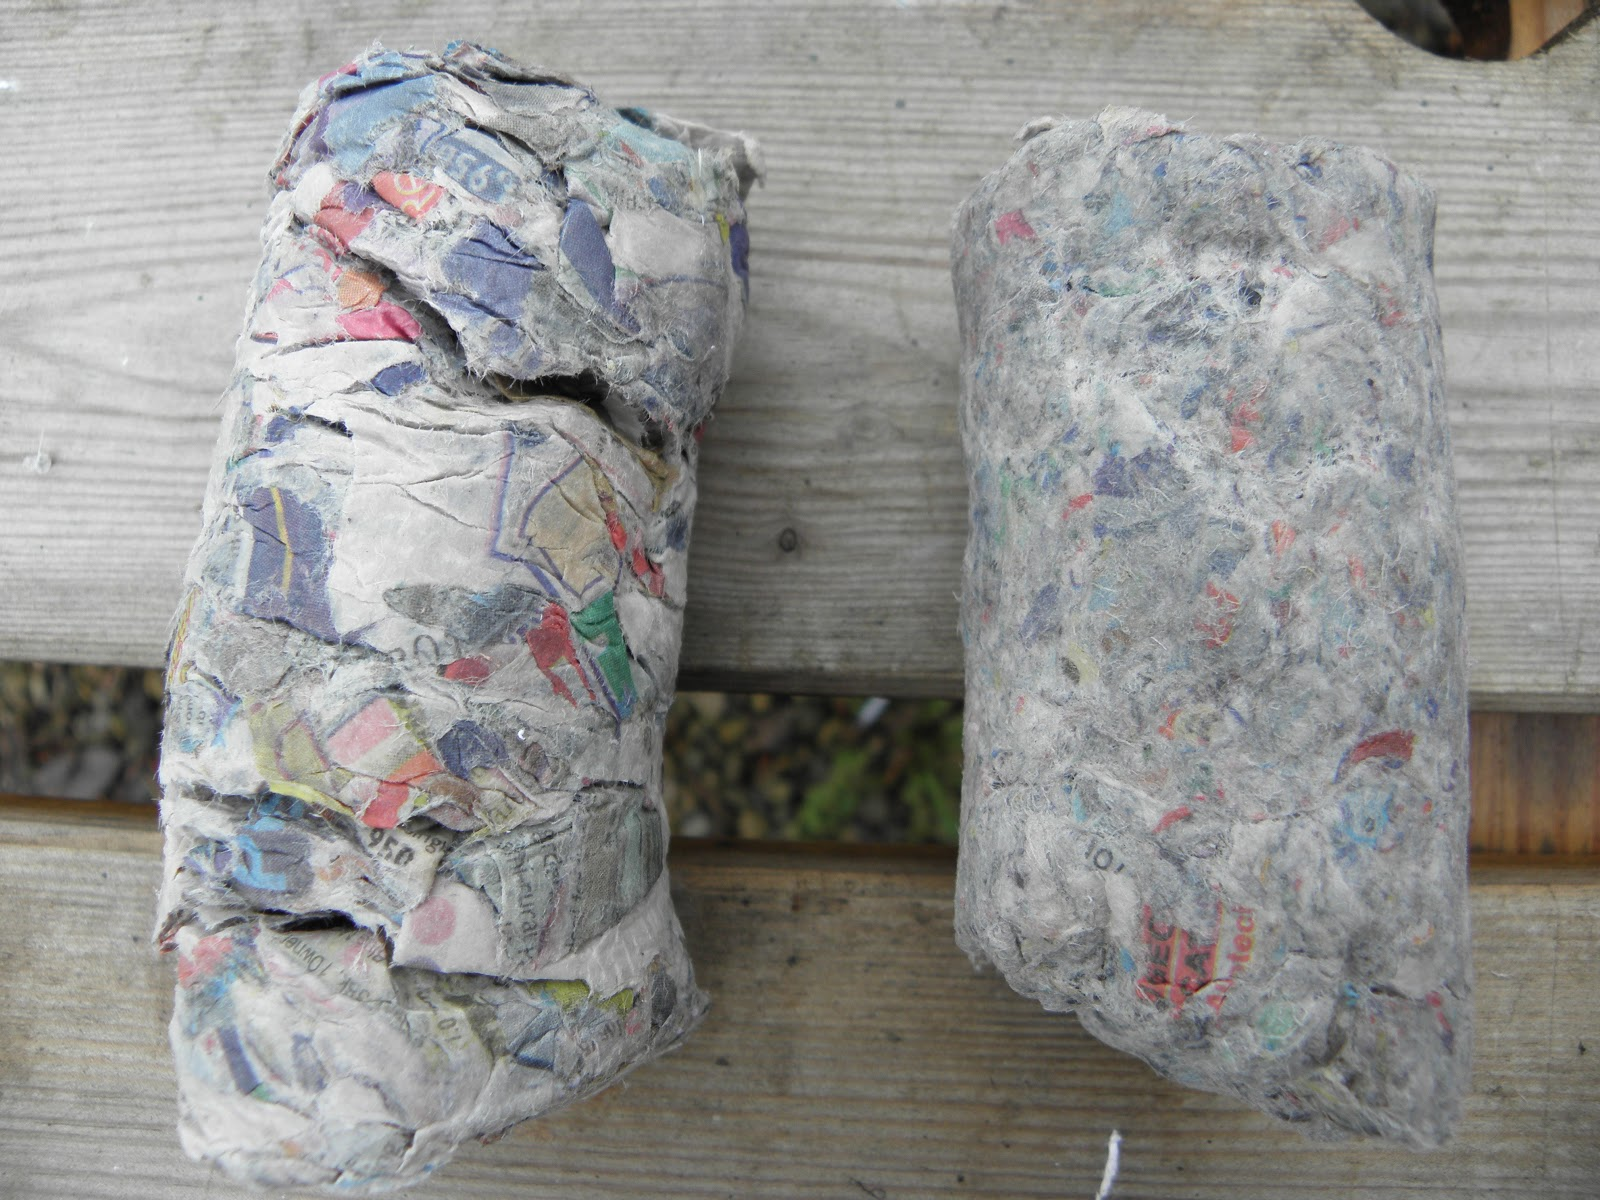 Изготовление бумажных брикетов из отходов. История из Англии. svoimi rukami bumazhnyie briketyi